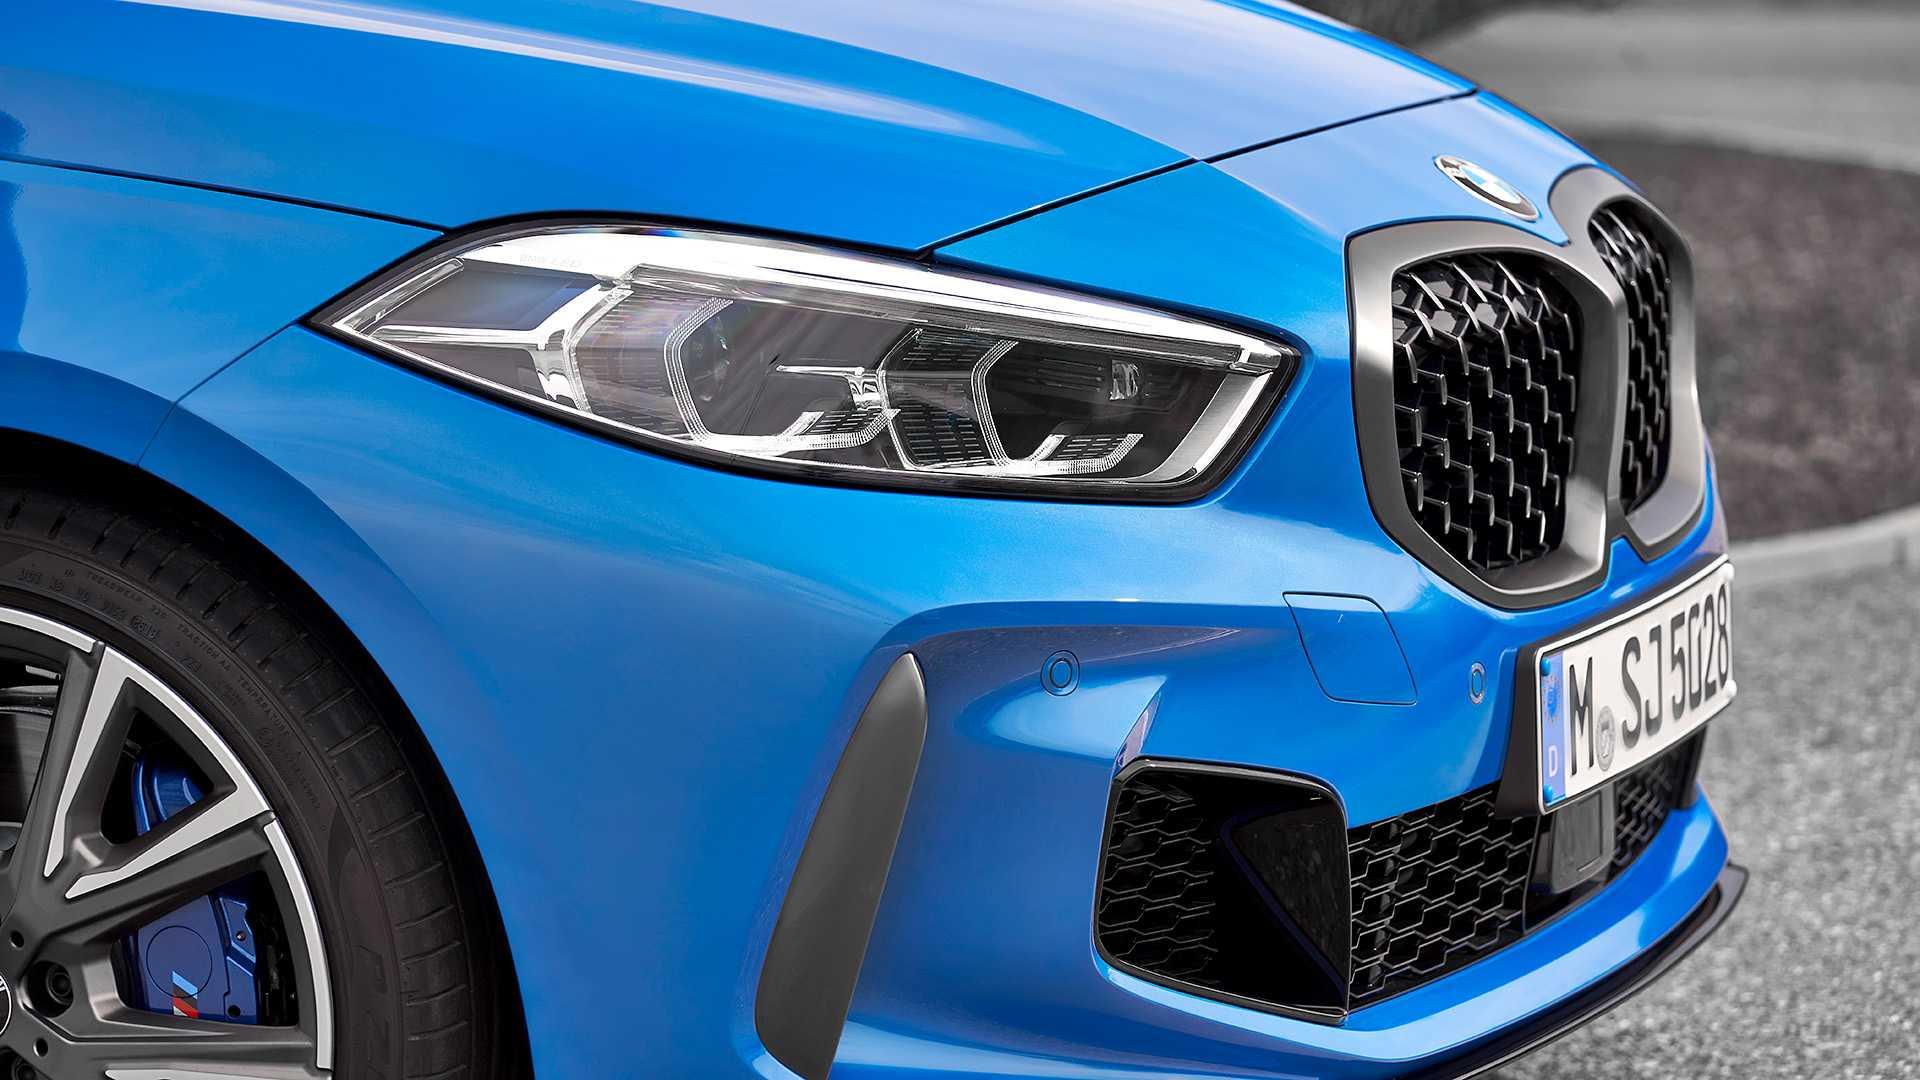 BMW 1 Series thế hệ mới, chiếc hatchback cỡ nhỏ chất không kém đàn anh X2 6